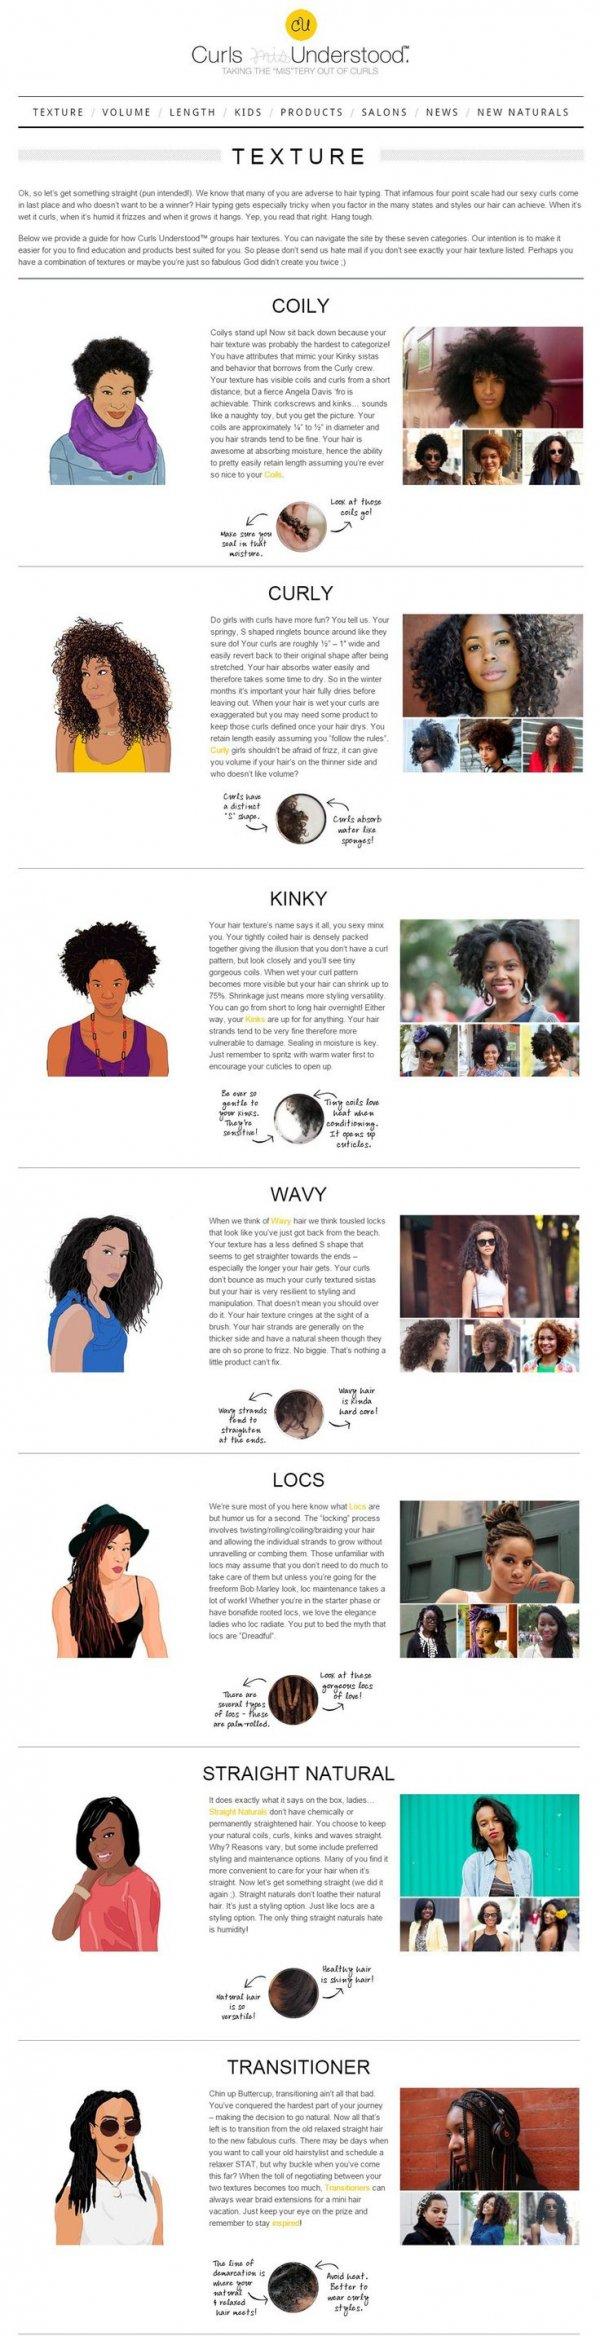 brand,Curls,Understood.,TEXTURE,VOLUME,